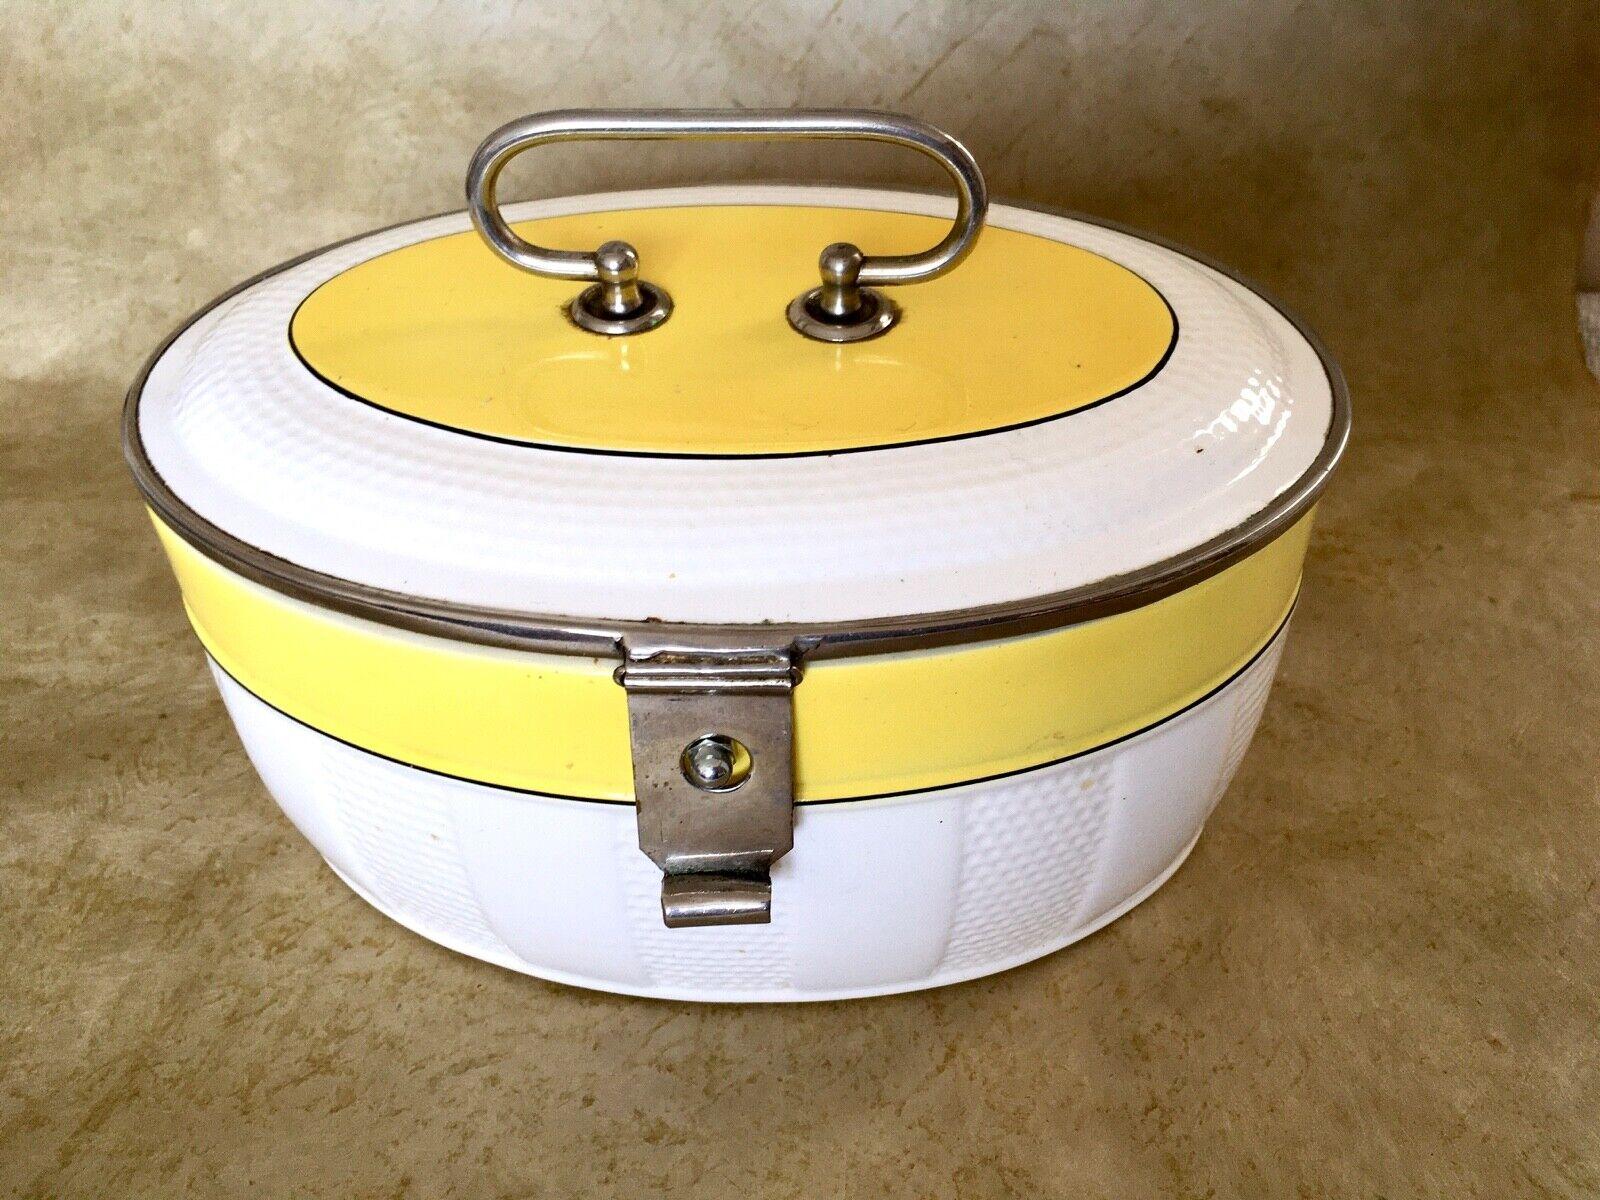 Keksdose; Porzellan; weiß / gelb; mit Deckel und Metallmontierung; Gebäckdose